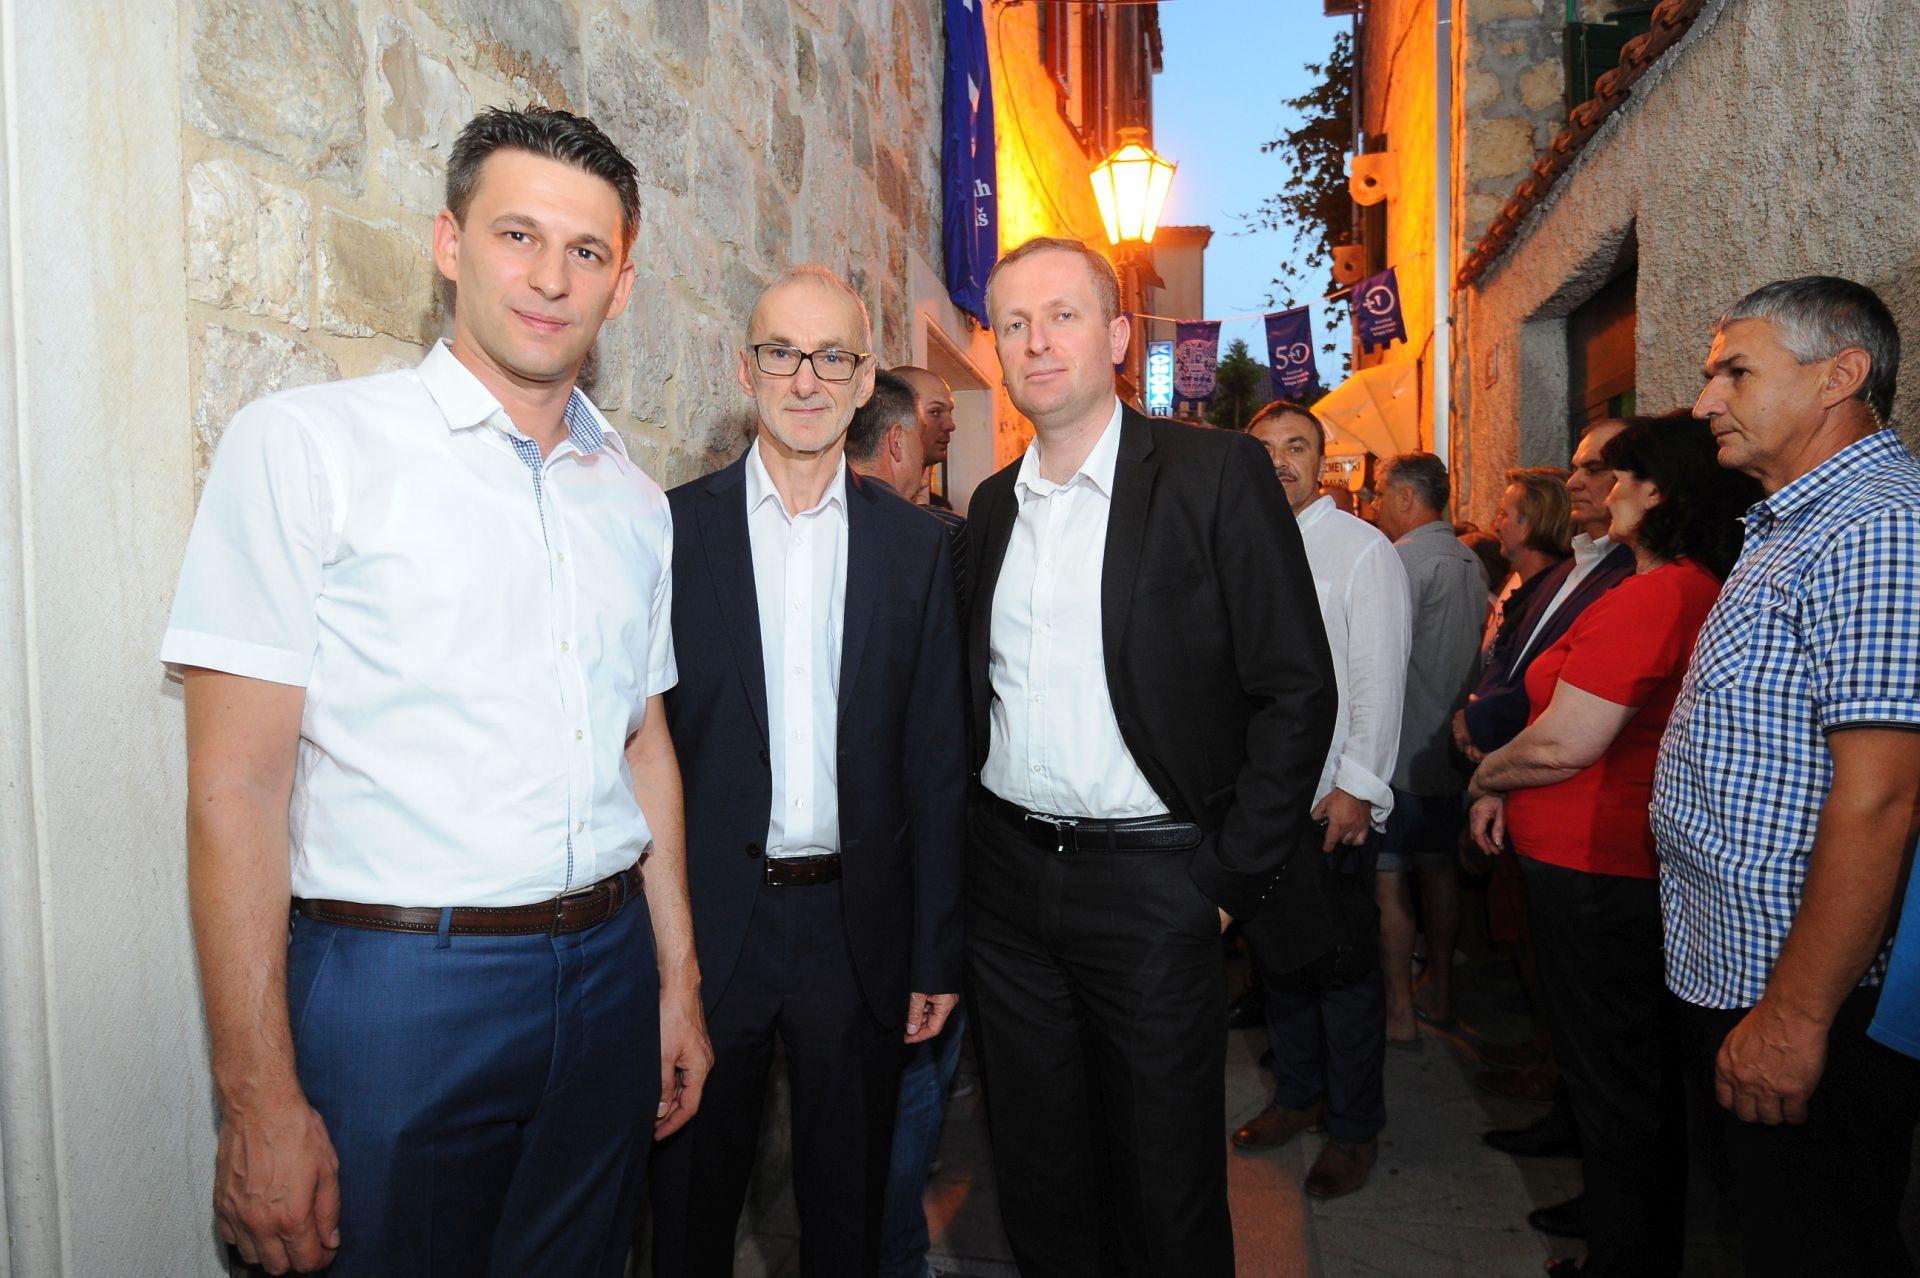 ŠPRLJE: Na srbijanskom popisu 43 hrvatska državljana